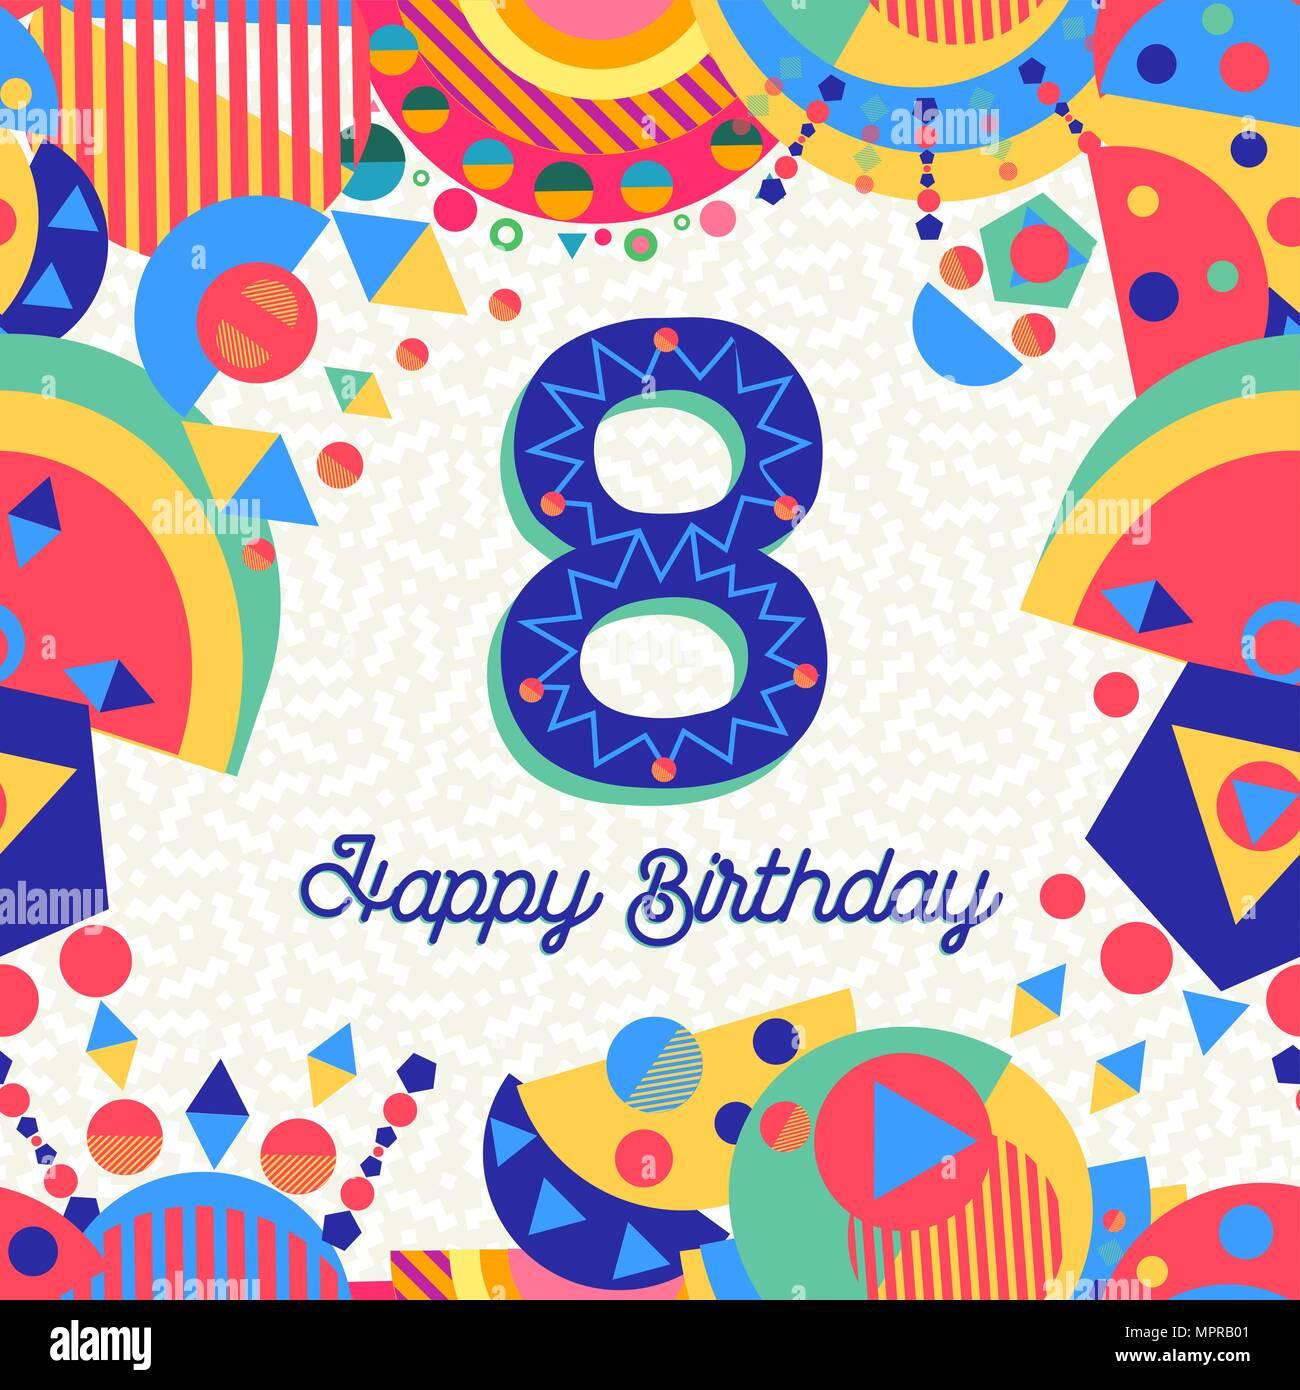 Auguri Di Buon Compleanno 8 Anni.Buon Compleanno Otto 8 Anno Design Divertente Con Il Numero